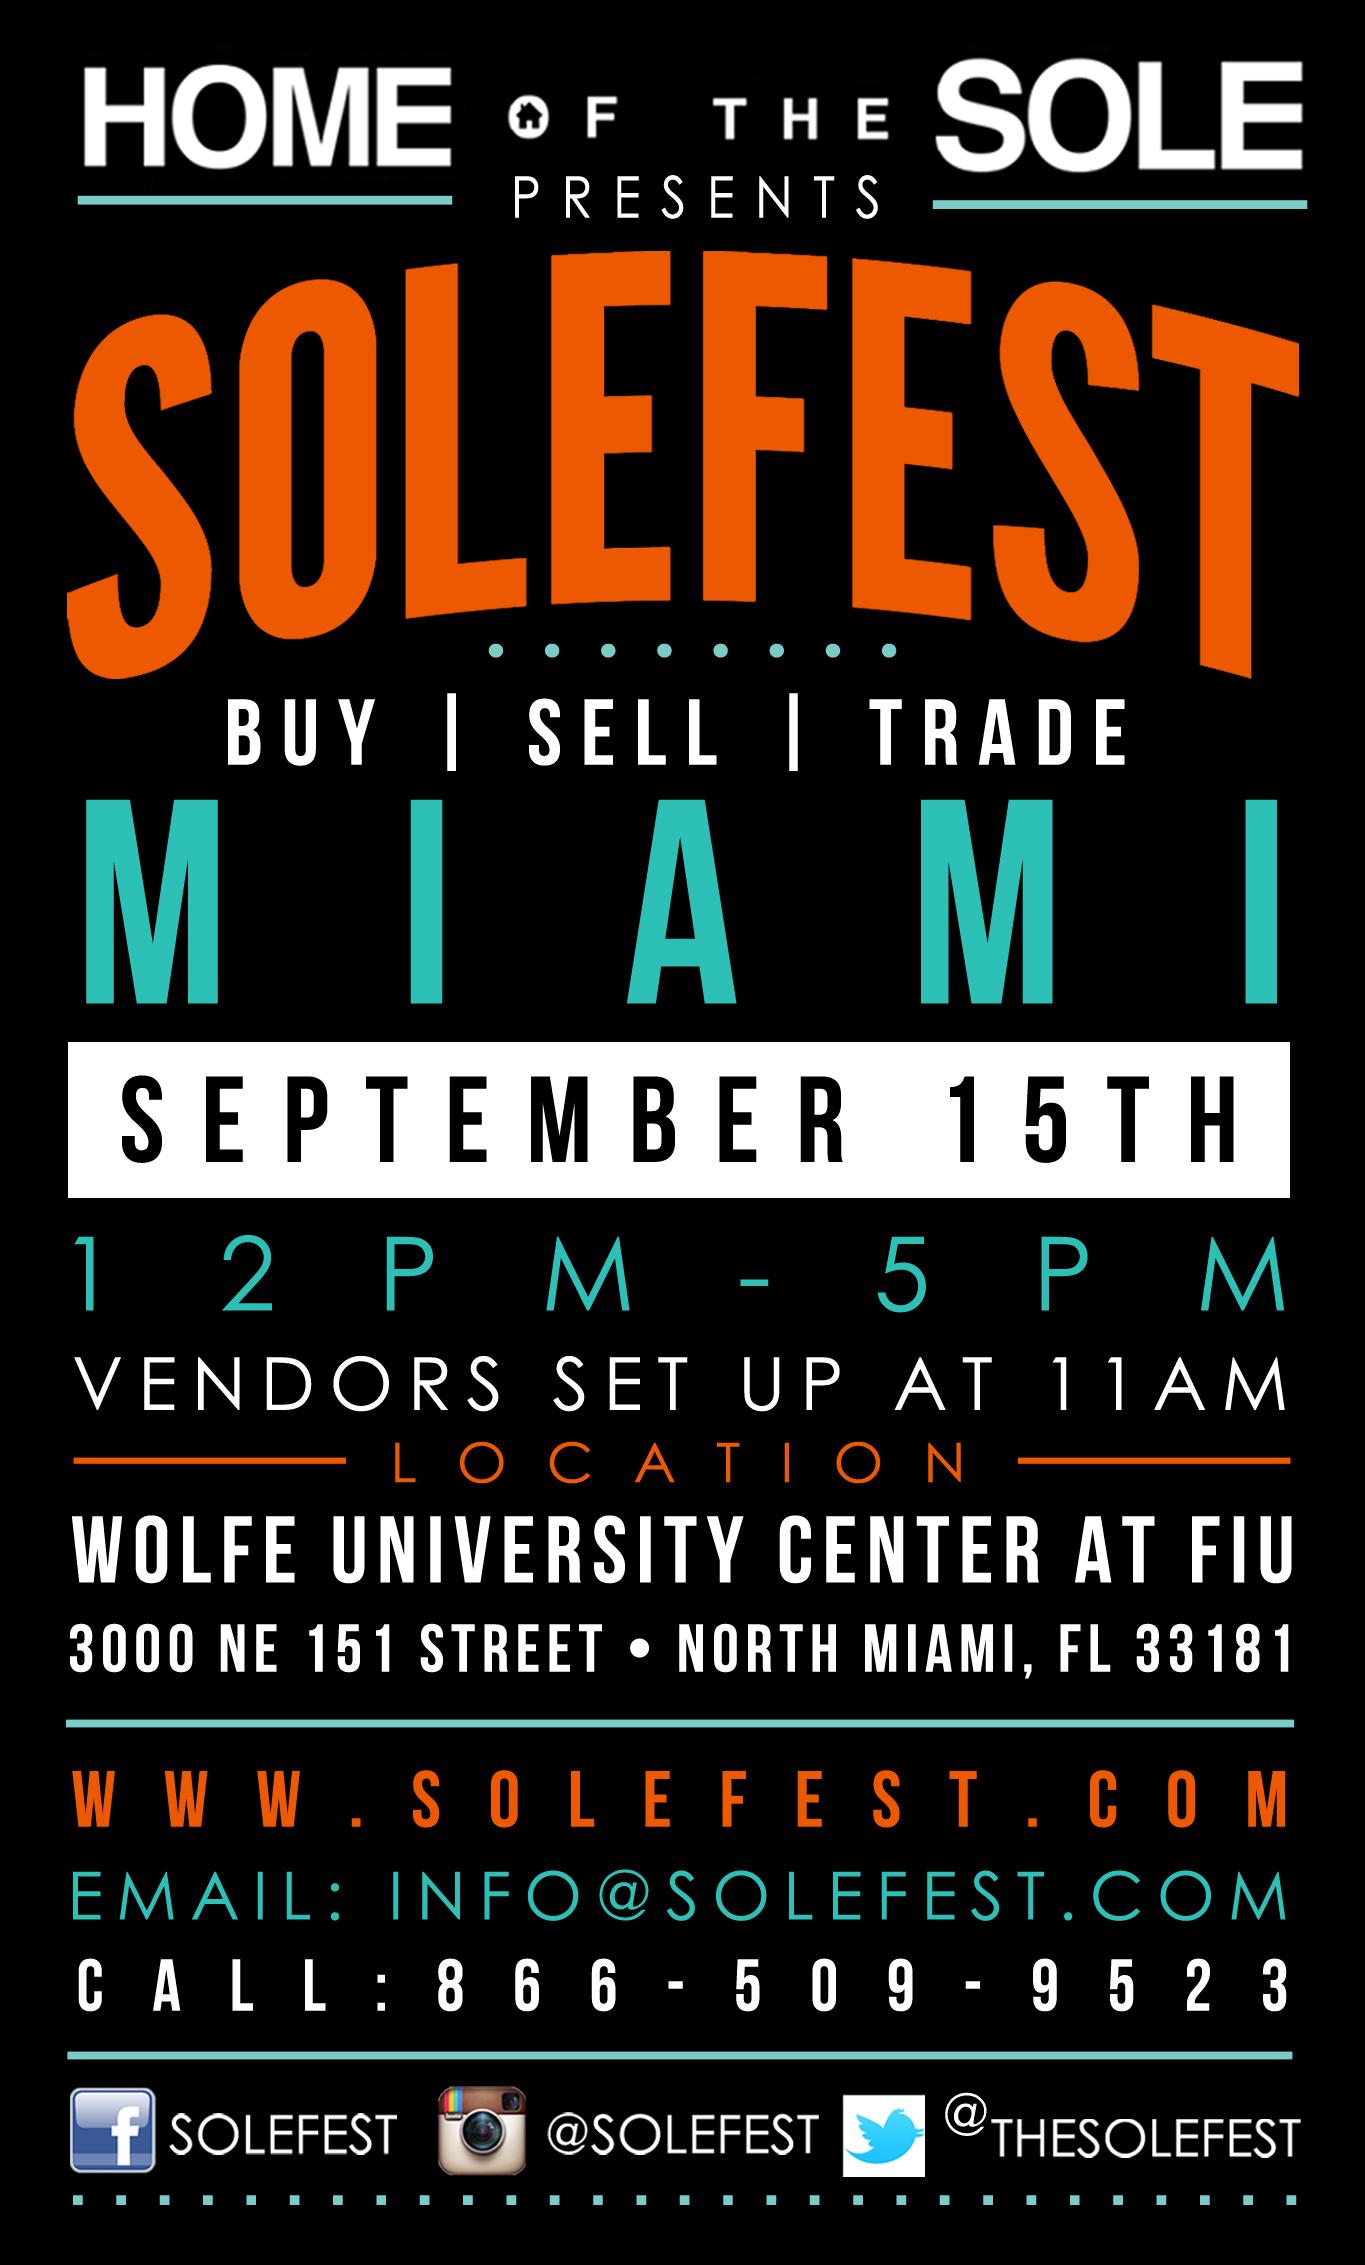 sole-fest-miami-sneaker-event